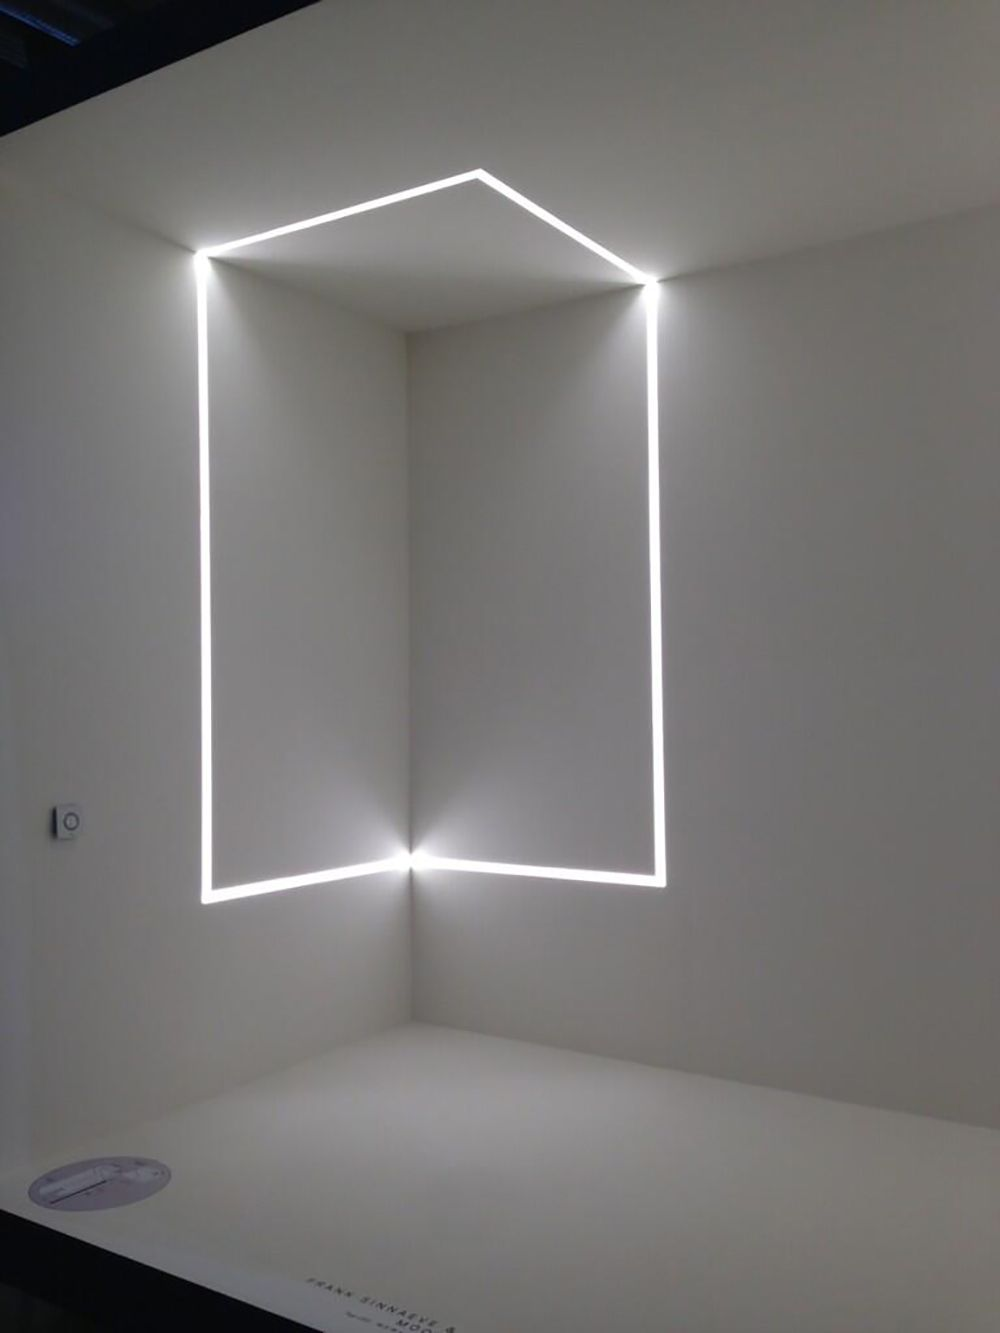 Ideas de decoracin e iluminacin con tiras de LEDs  Tiras de LEDs en 2019  Iluminacin Iluminacin lineal y Iluminacin indirecta